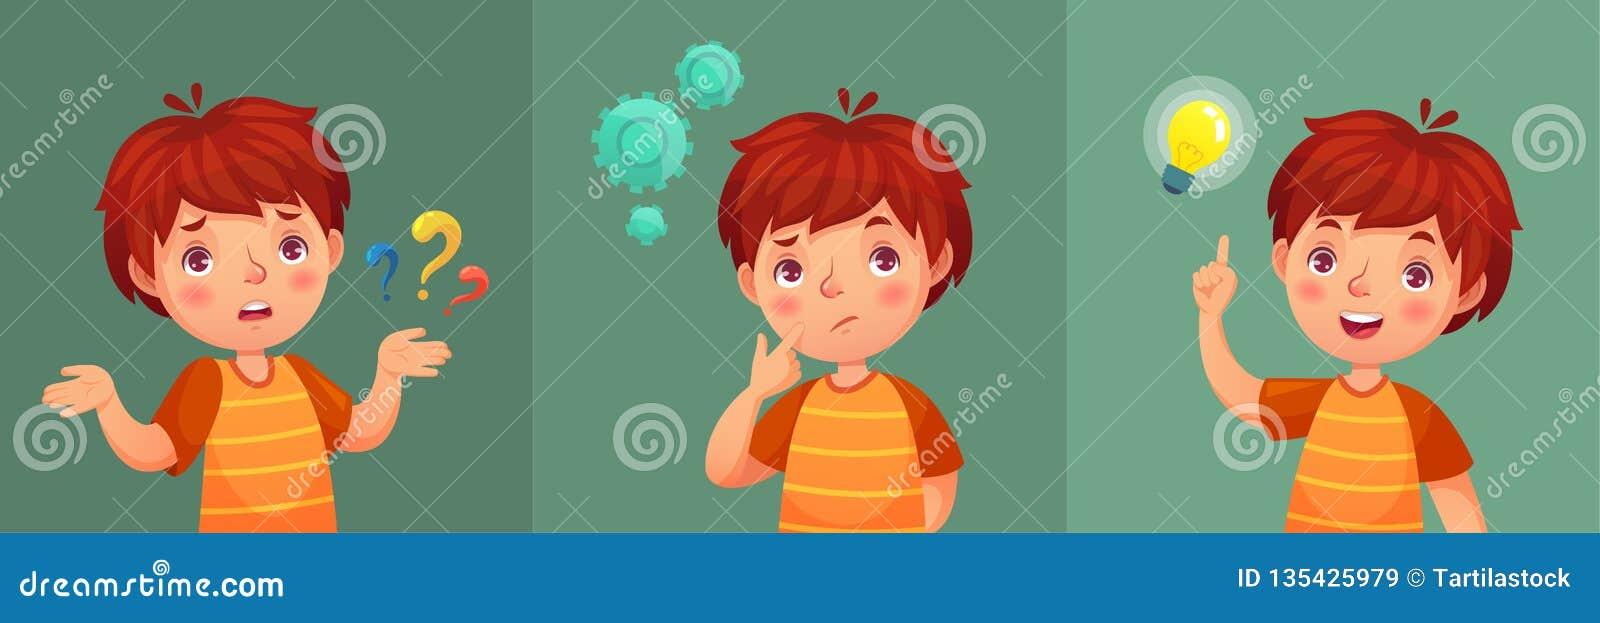 Kinderfrage Durchdachter Junge stellen Frage, verwirrtes Kind und verstehen oder fanden Antwortkarikatur-Vektorporträt